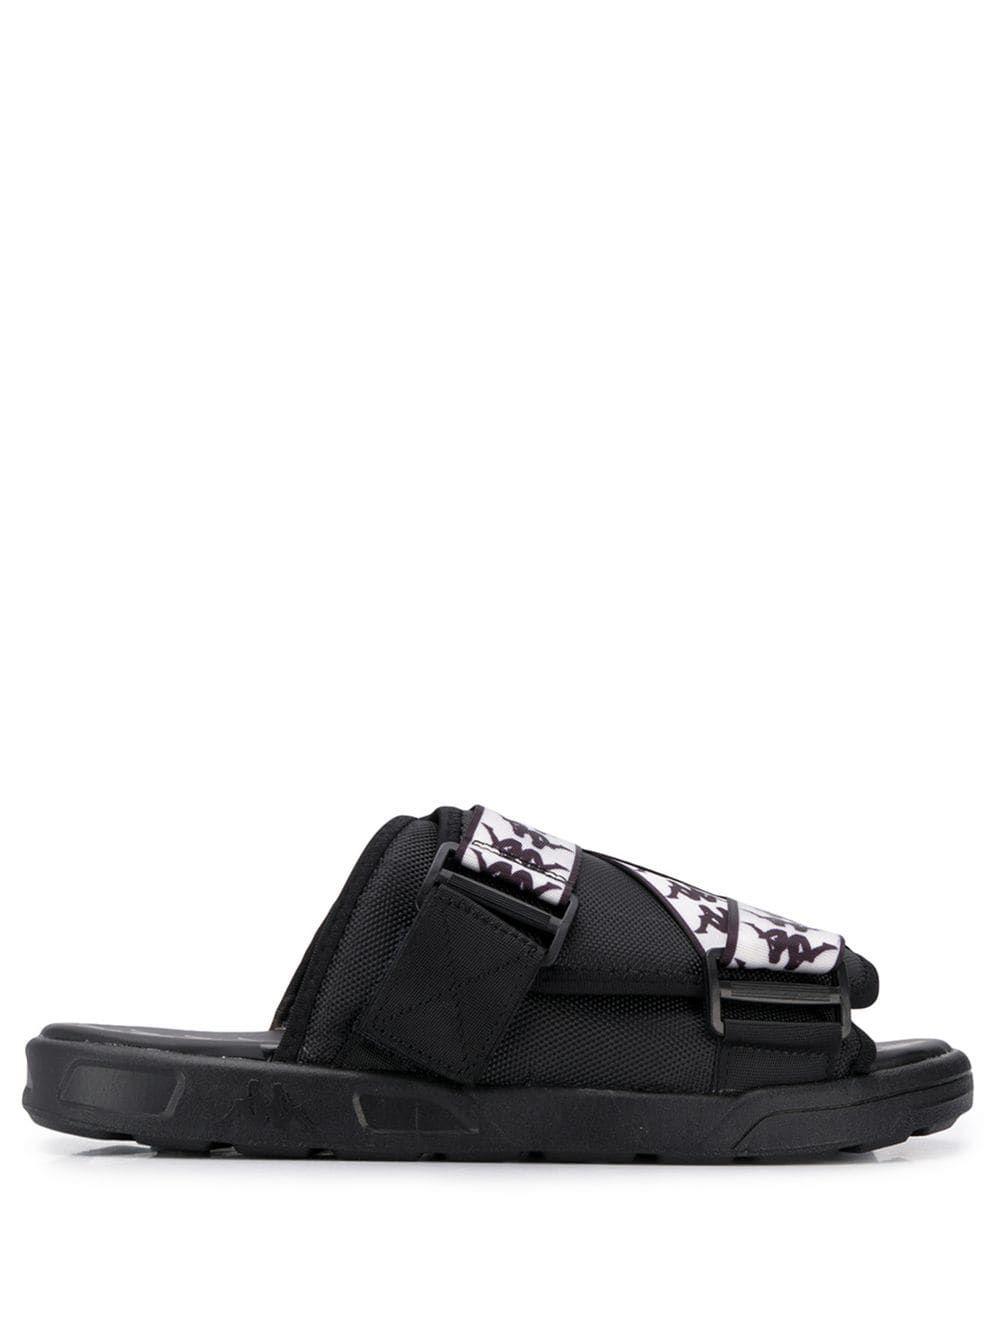 3cf0f84f4f0 KAPPA KAPPA 222 BANDA MITEL 1 SLIDES - BLACK. #kappa #shoes | Kappa ...